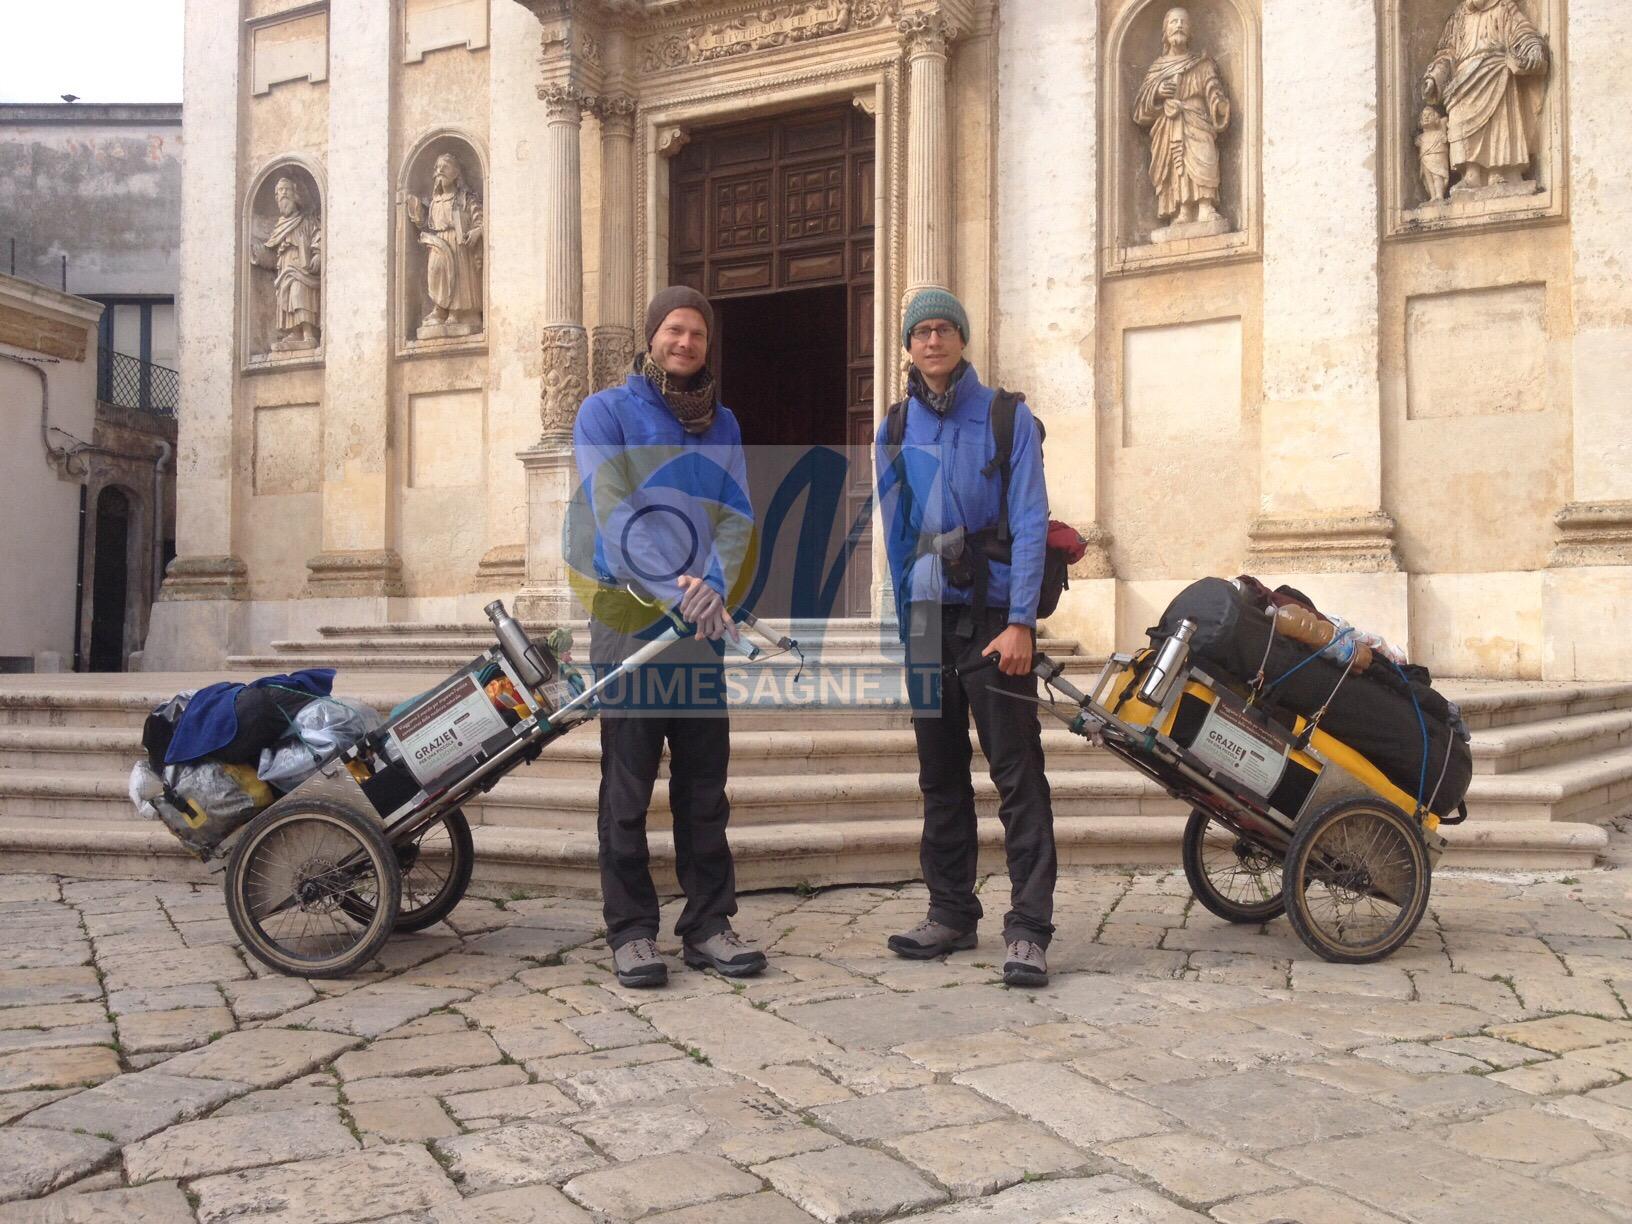 Arrivano a Mesagne due pellegrini che fanno il giro dell'Europa a piedi